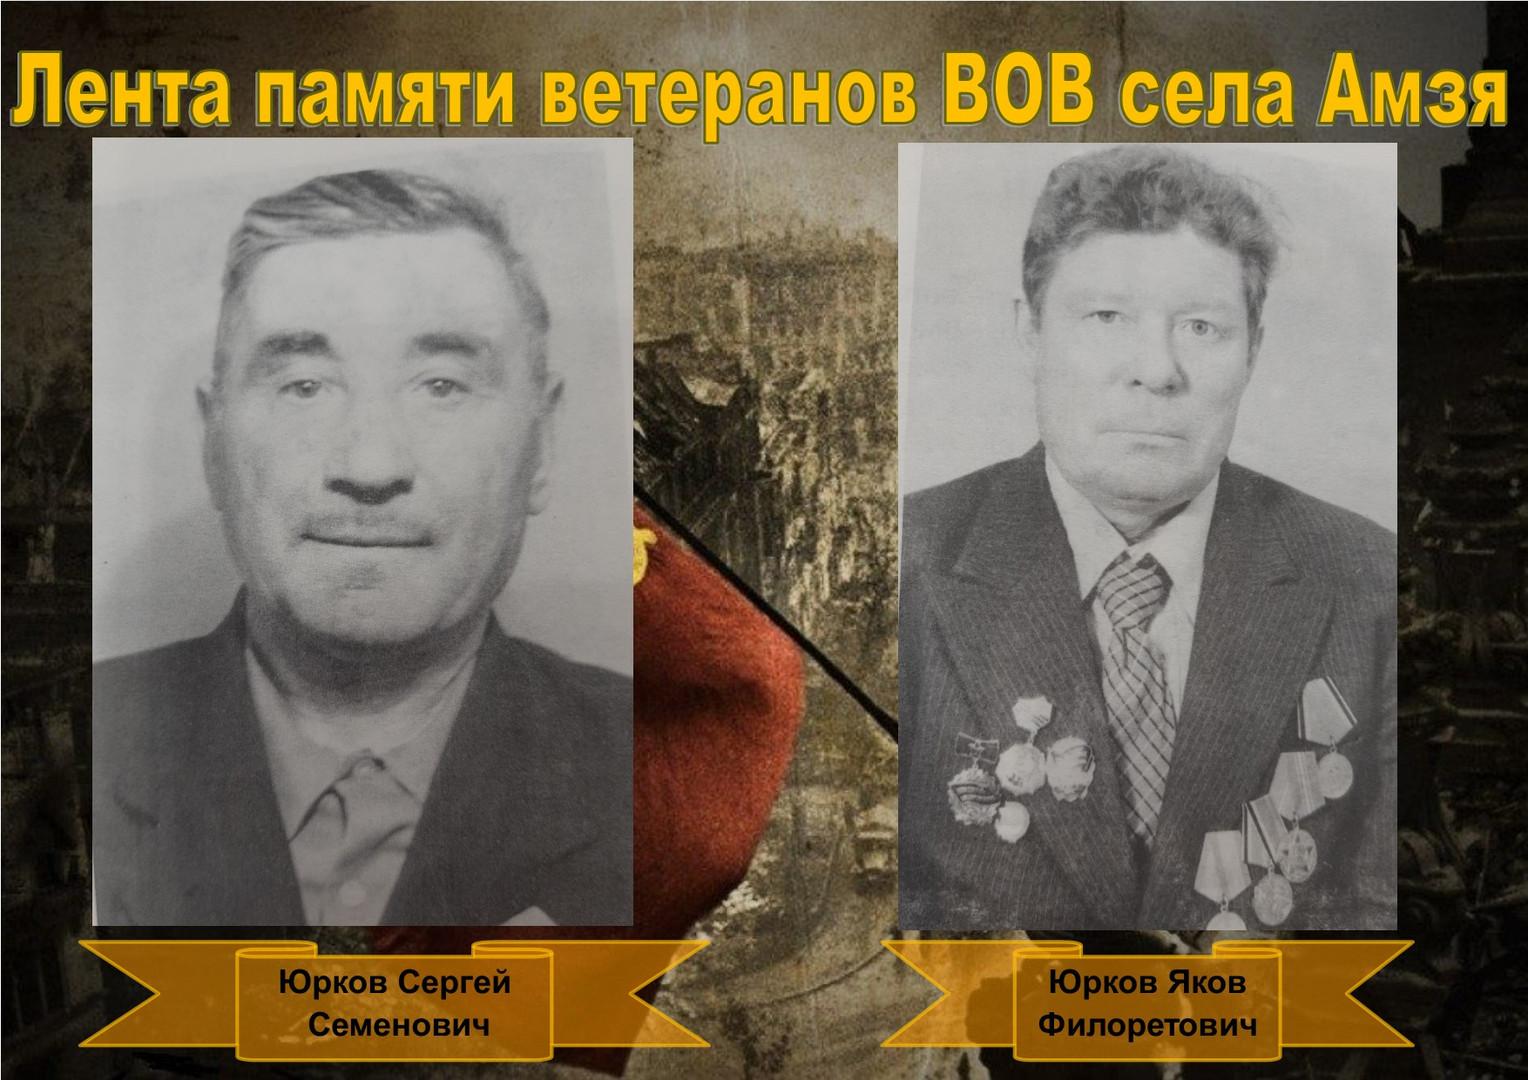 Юрков-Юрков.jpg